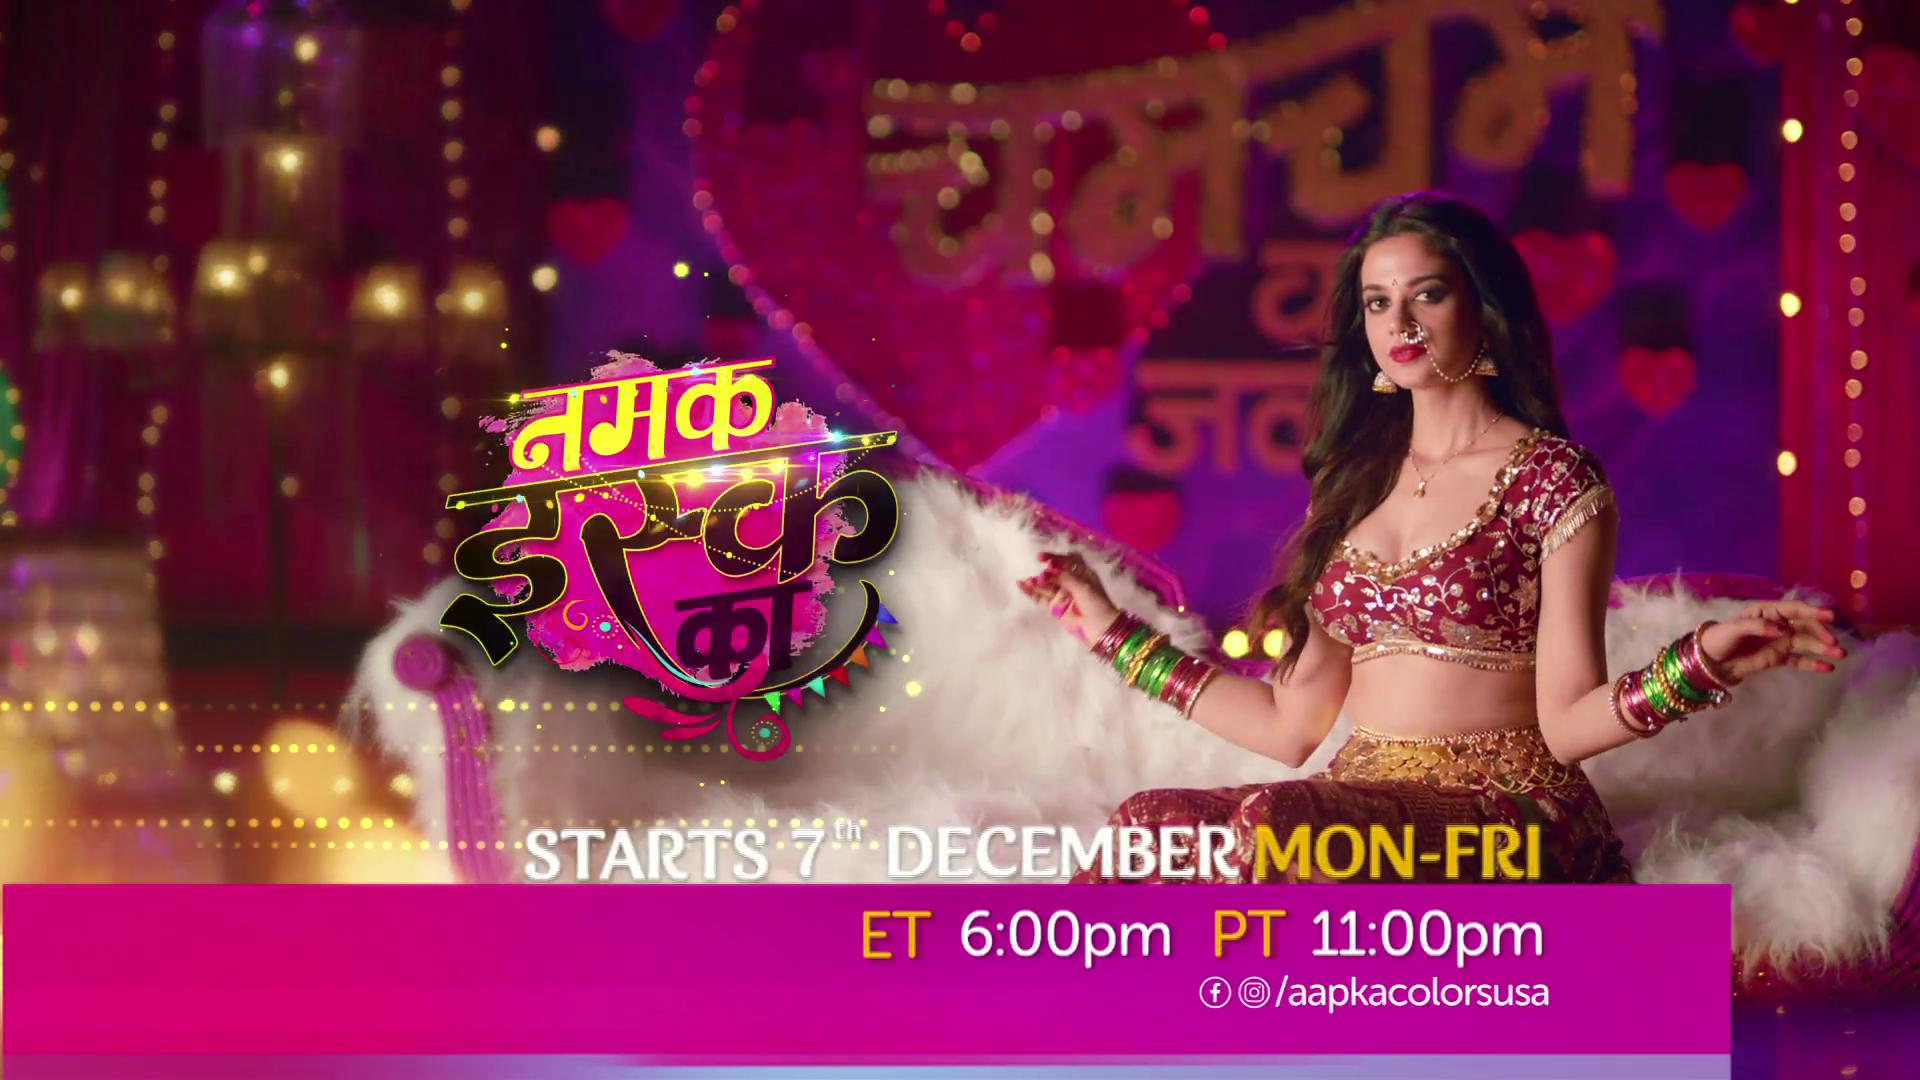 New Show Namak Issk Ka Starts 7th Dec Mon-Fri 6:00pm ET / 11:00pm PT